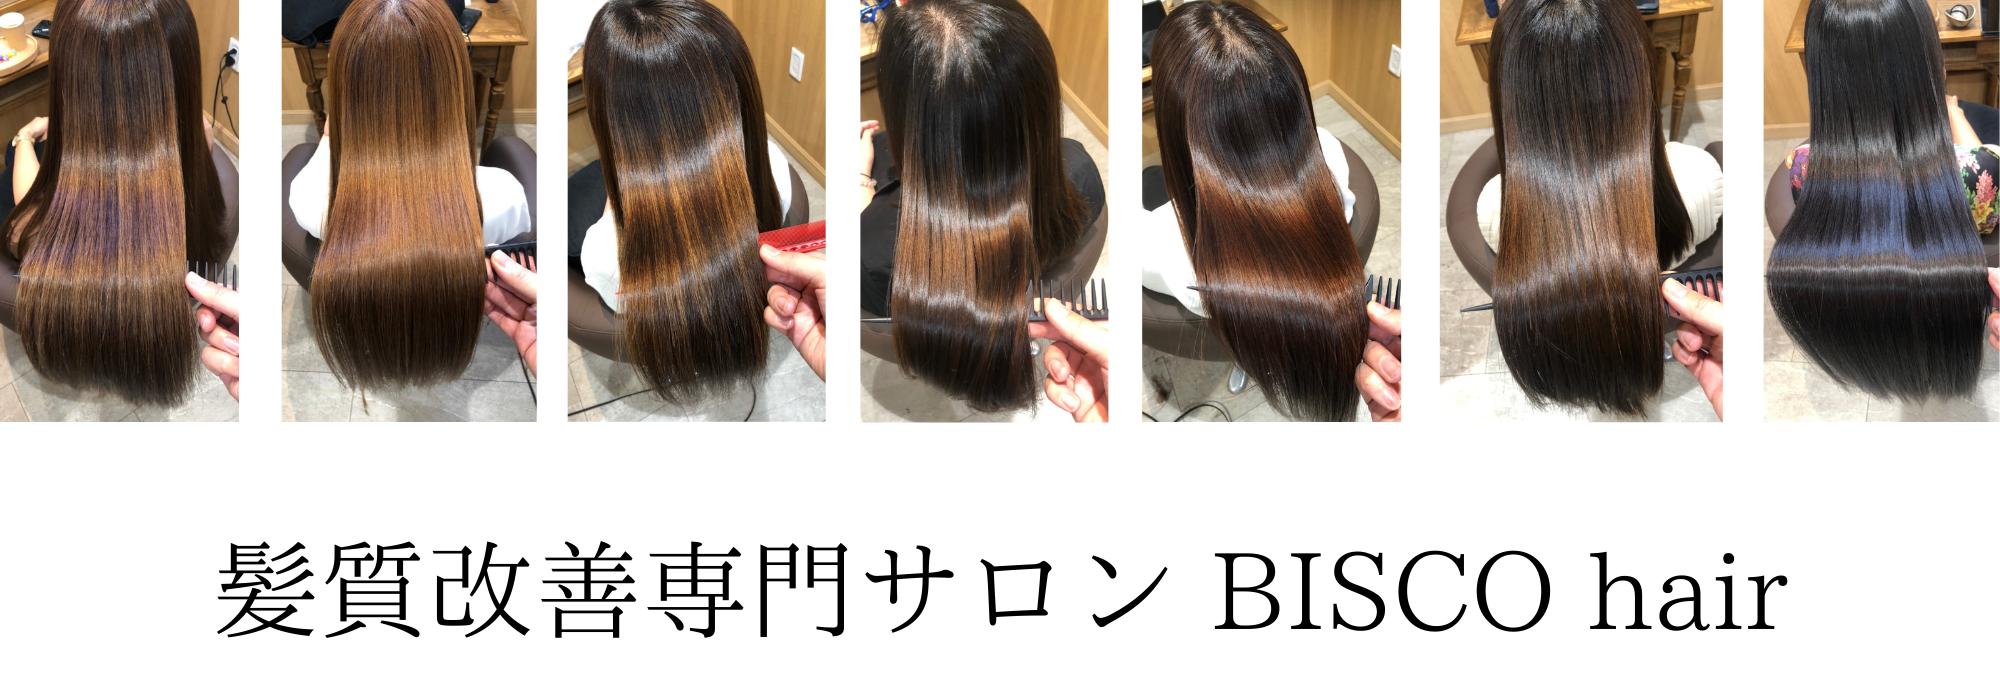 天王寺 髪質改善サロンBISCO hair